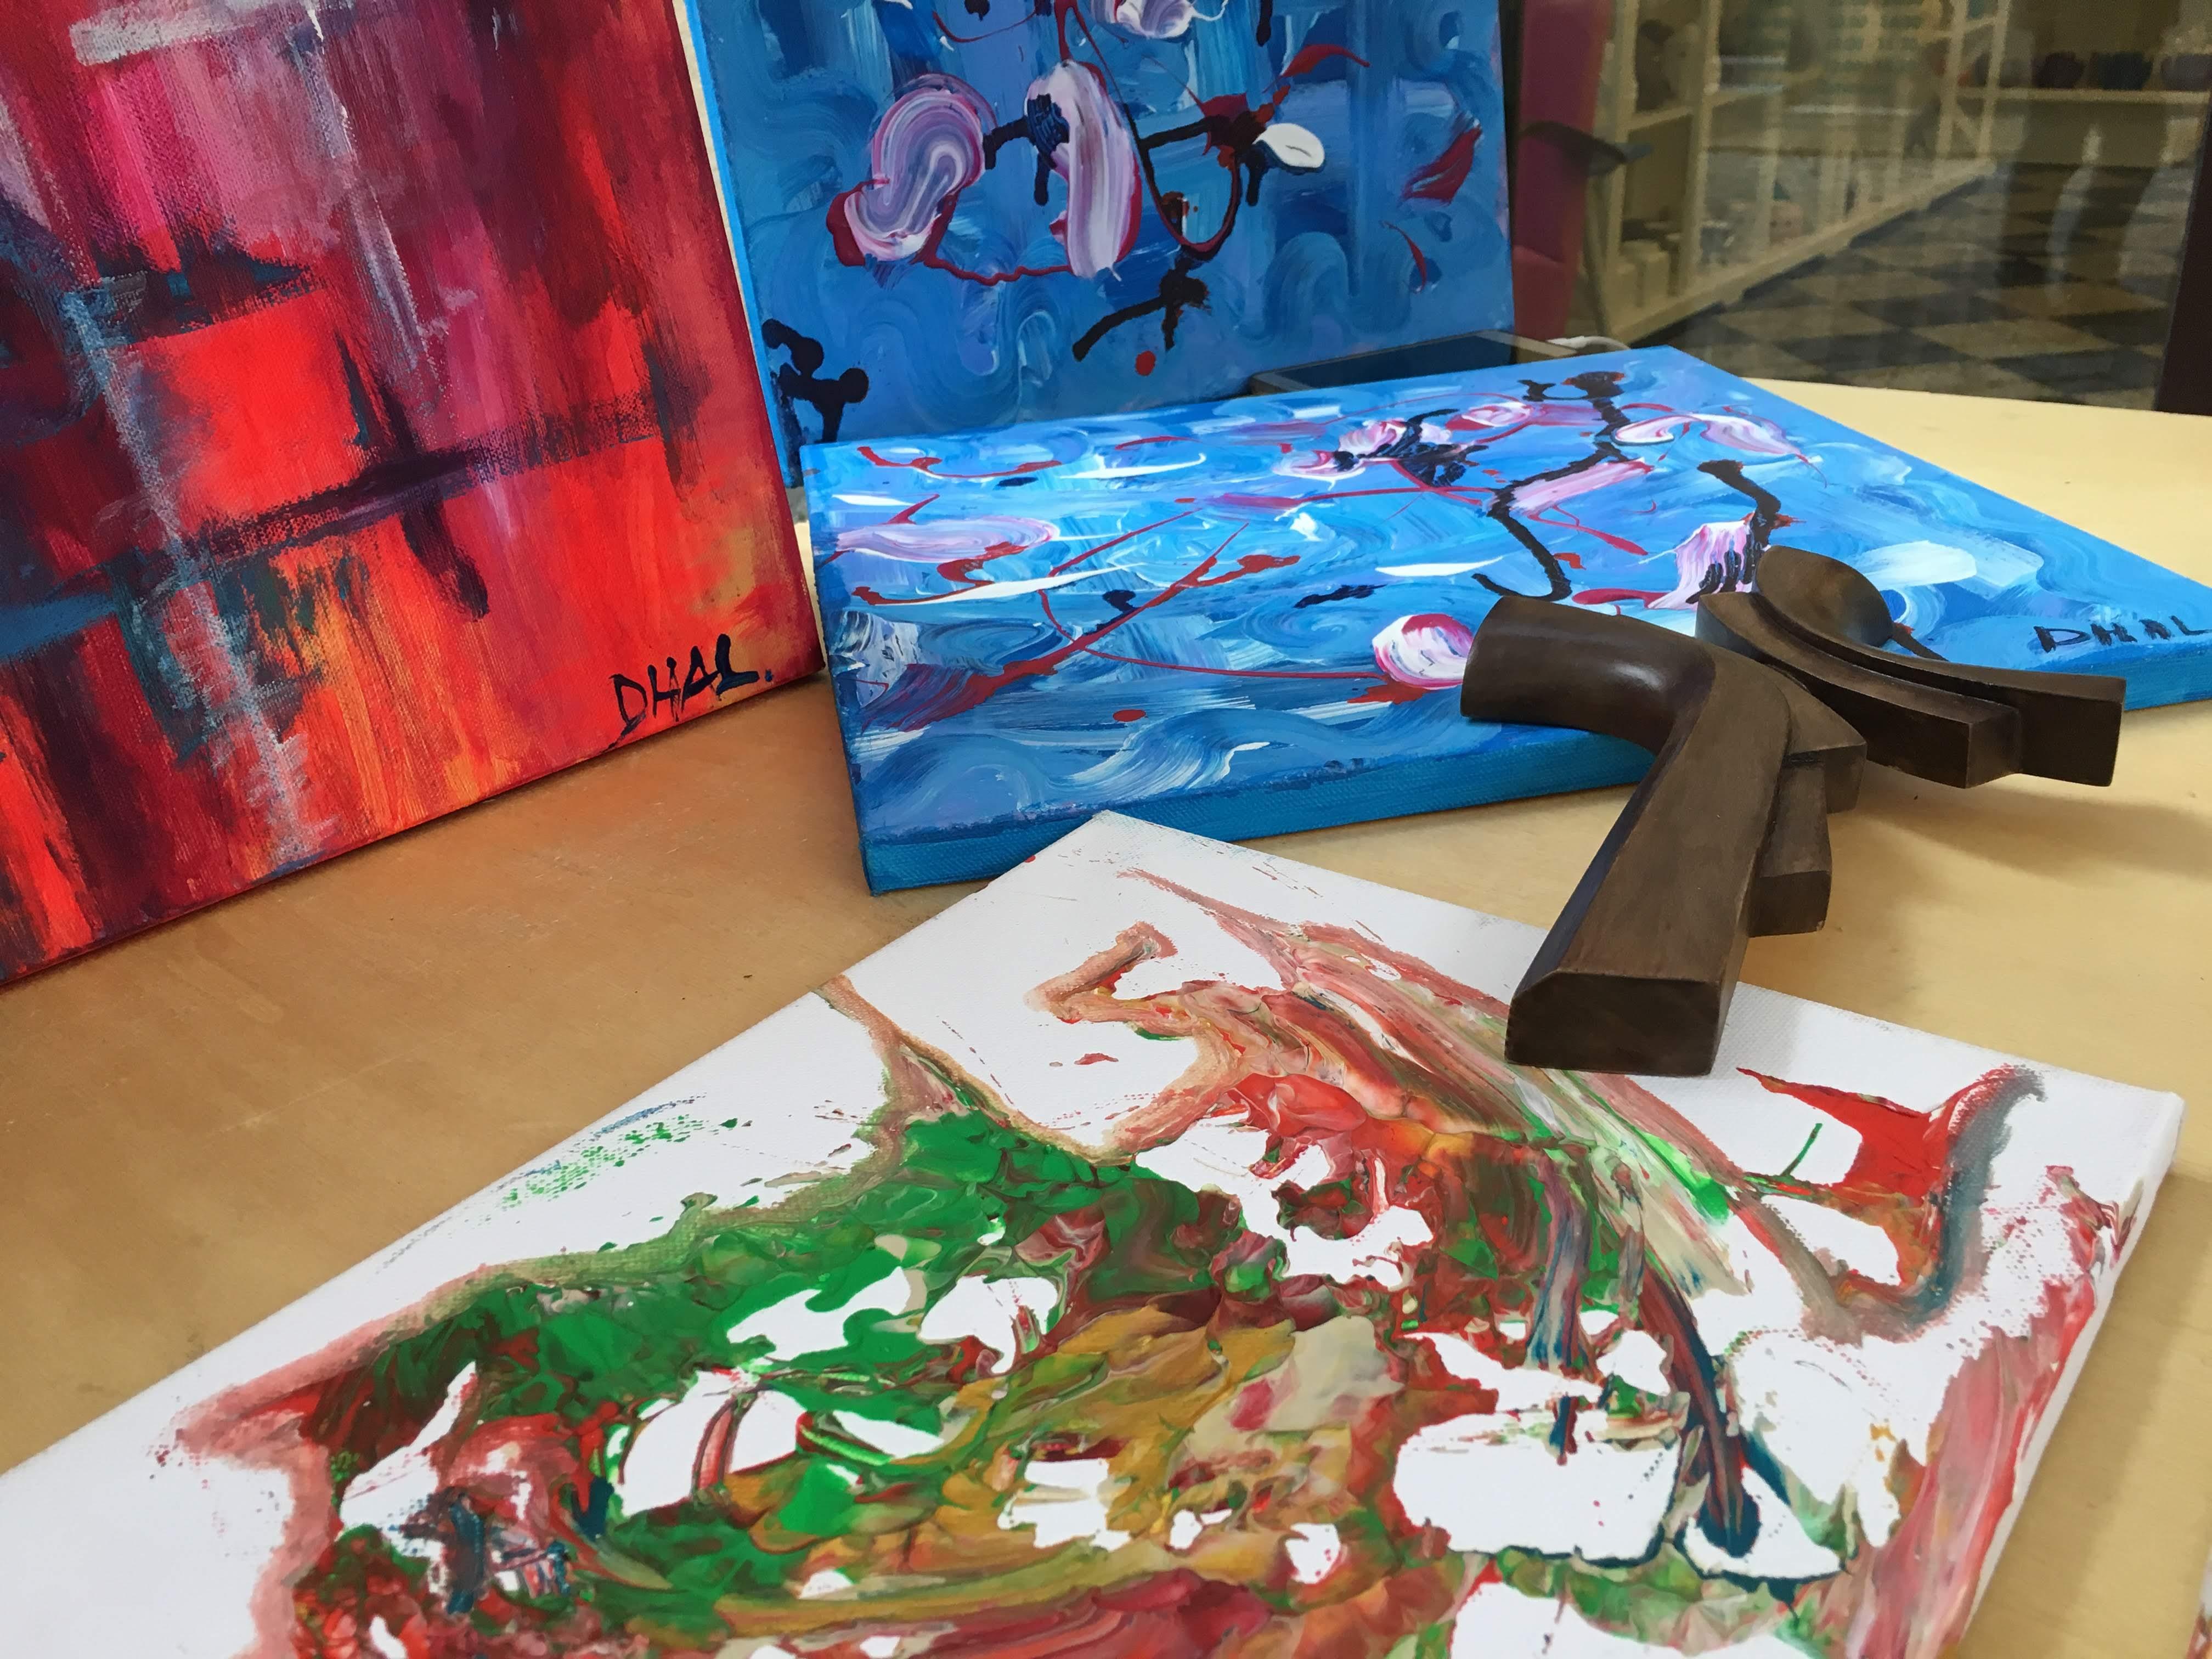 Aj takéto ručne maľované obrazy si môžete kúpiť vďaka HendiKup.